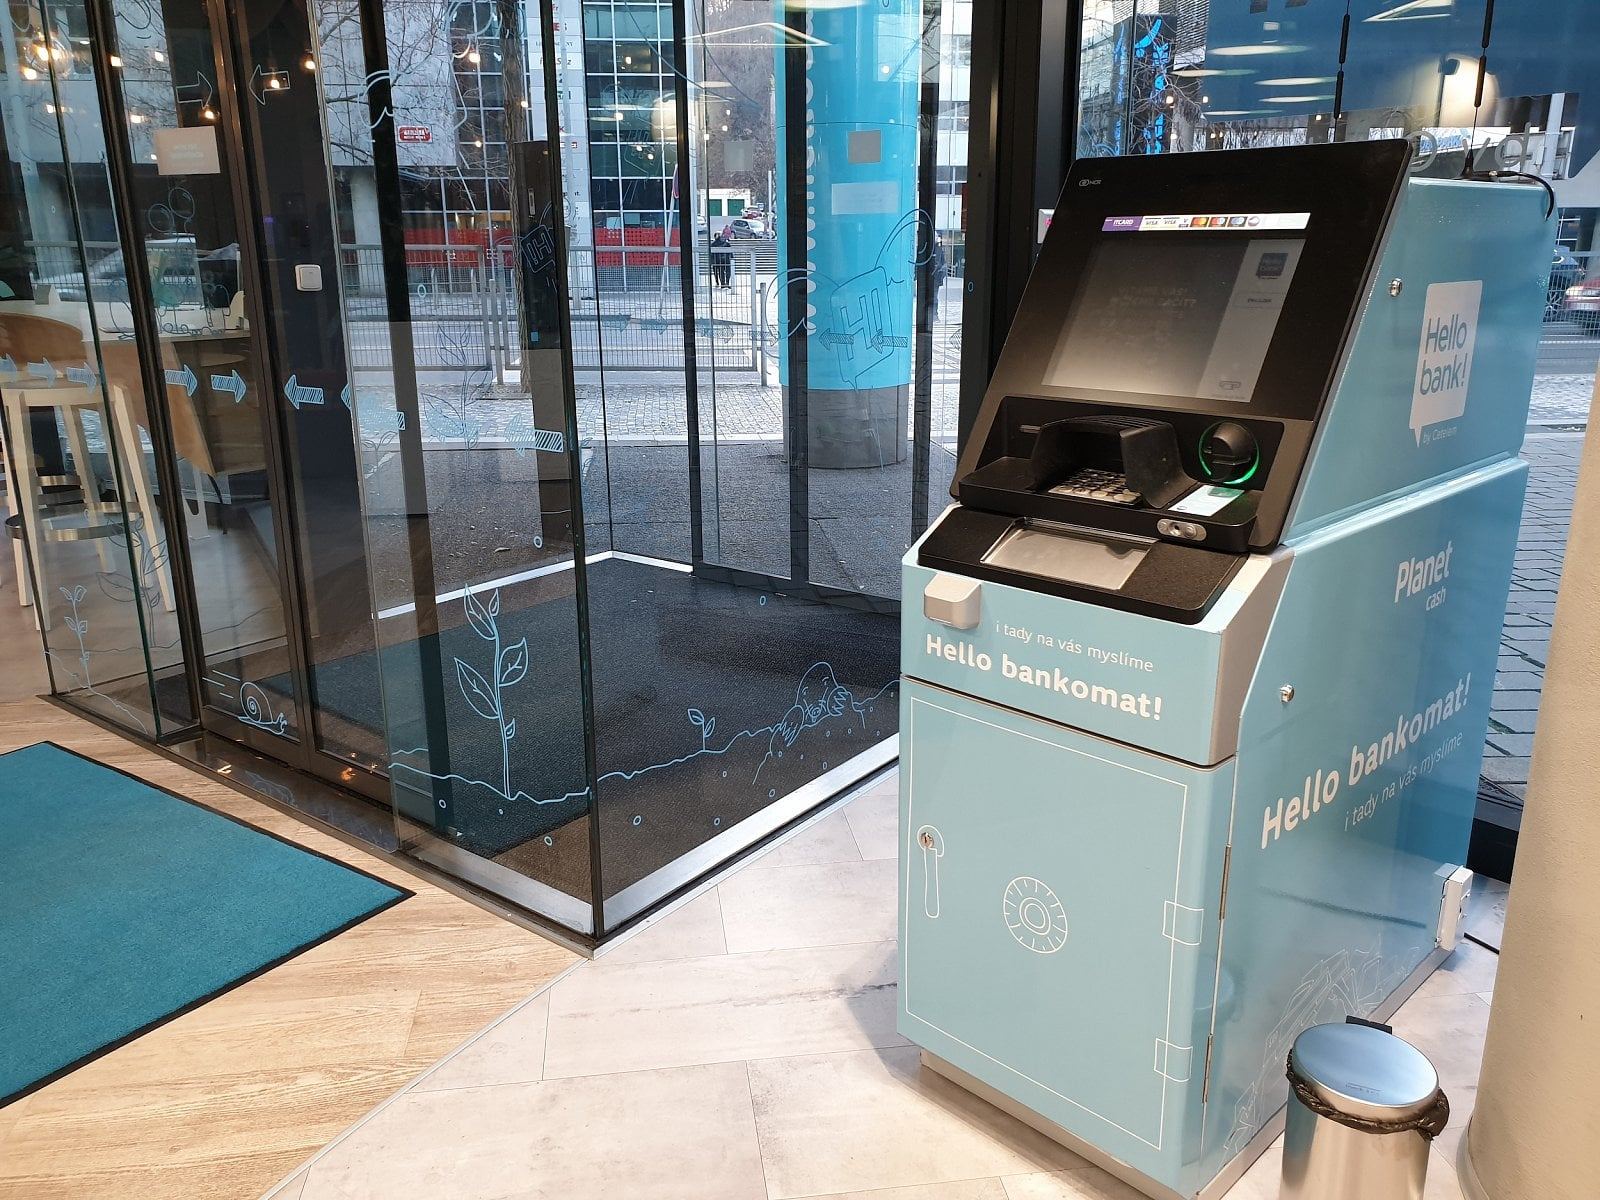 Hello bank bankomat Praha centrála